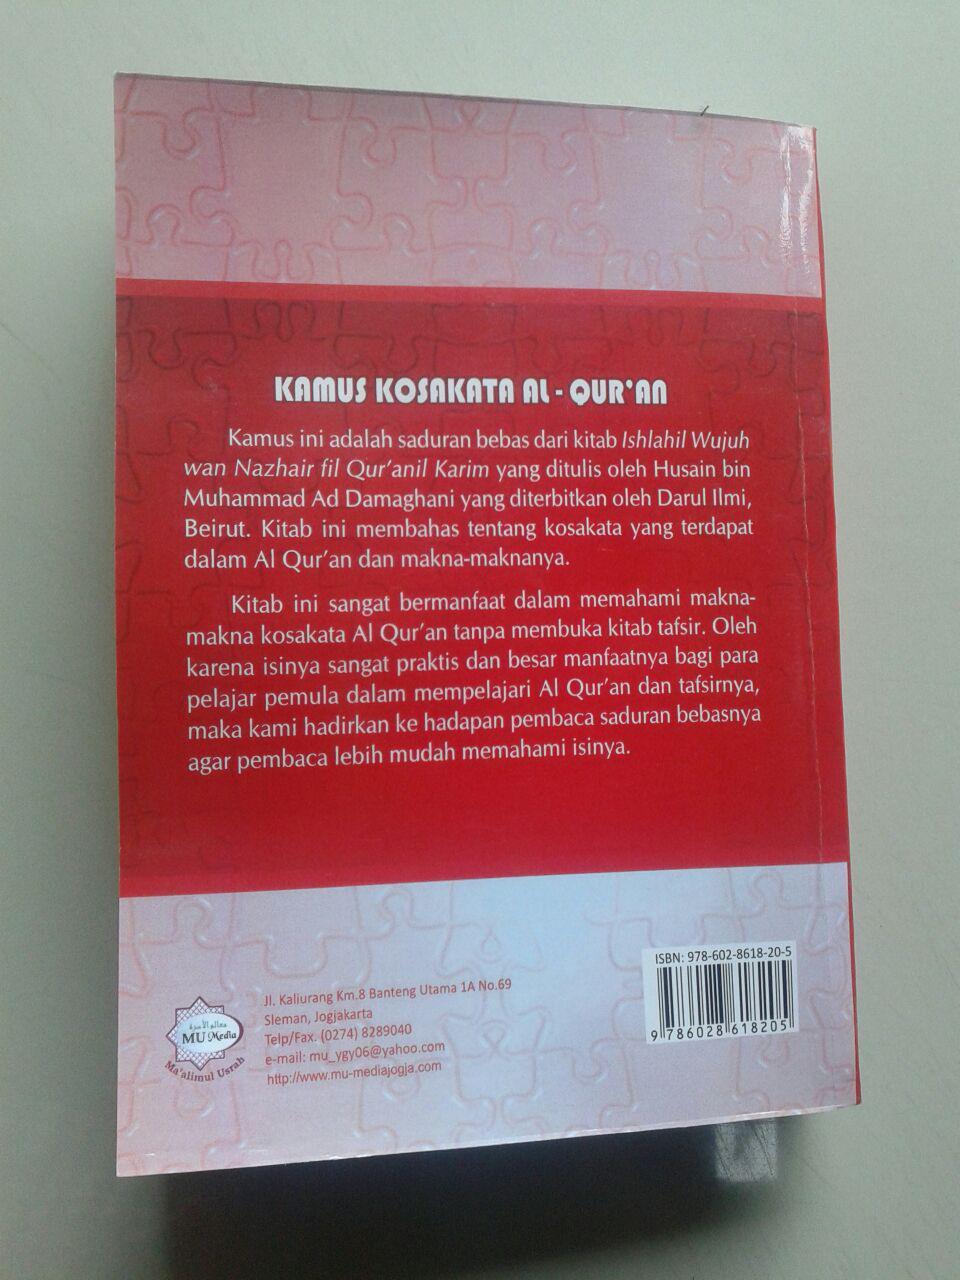 Buku Kamus Kosa Kata Al-Qur'an cover